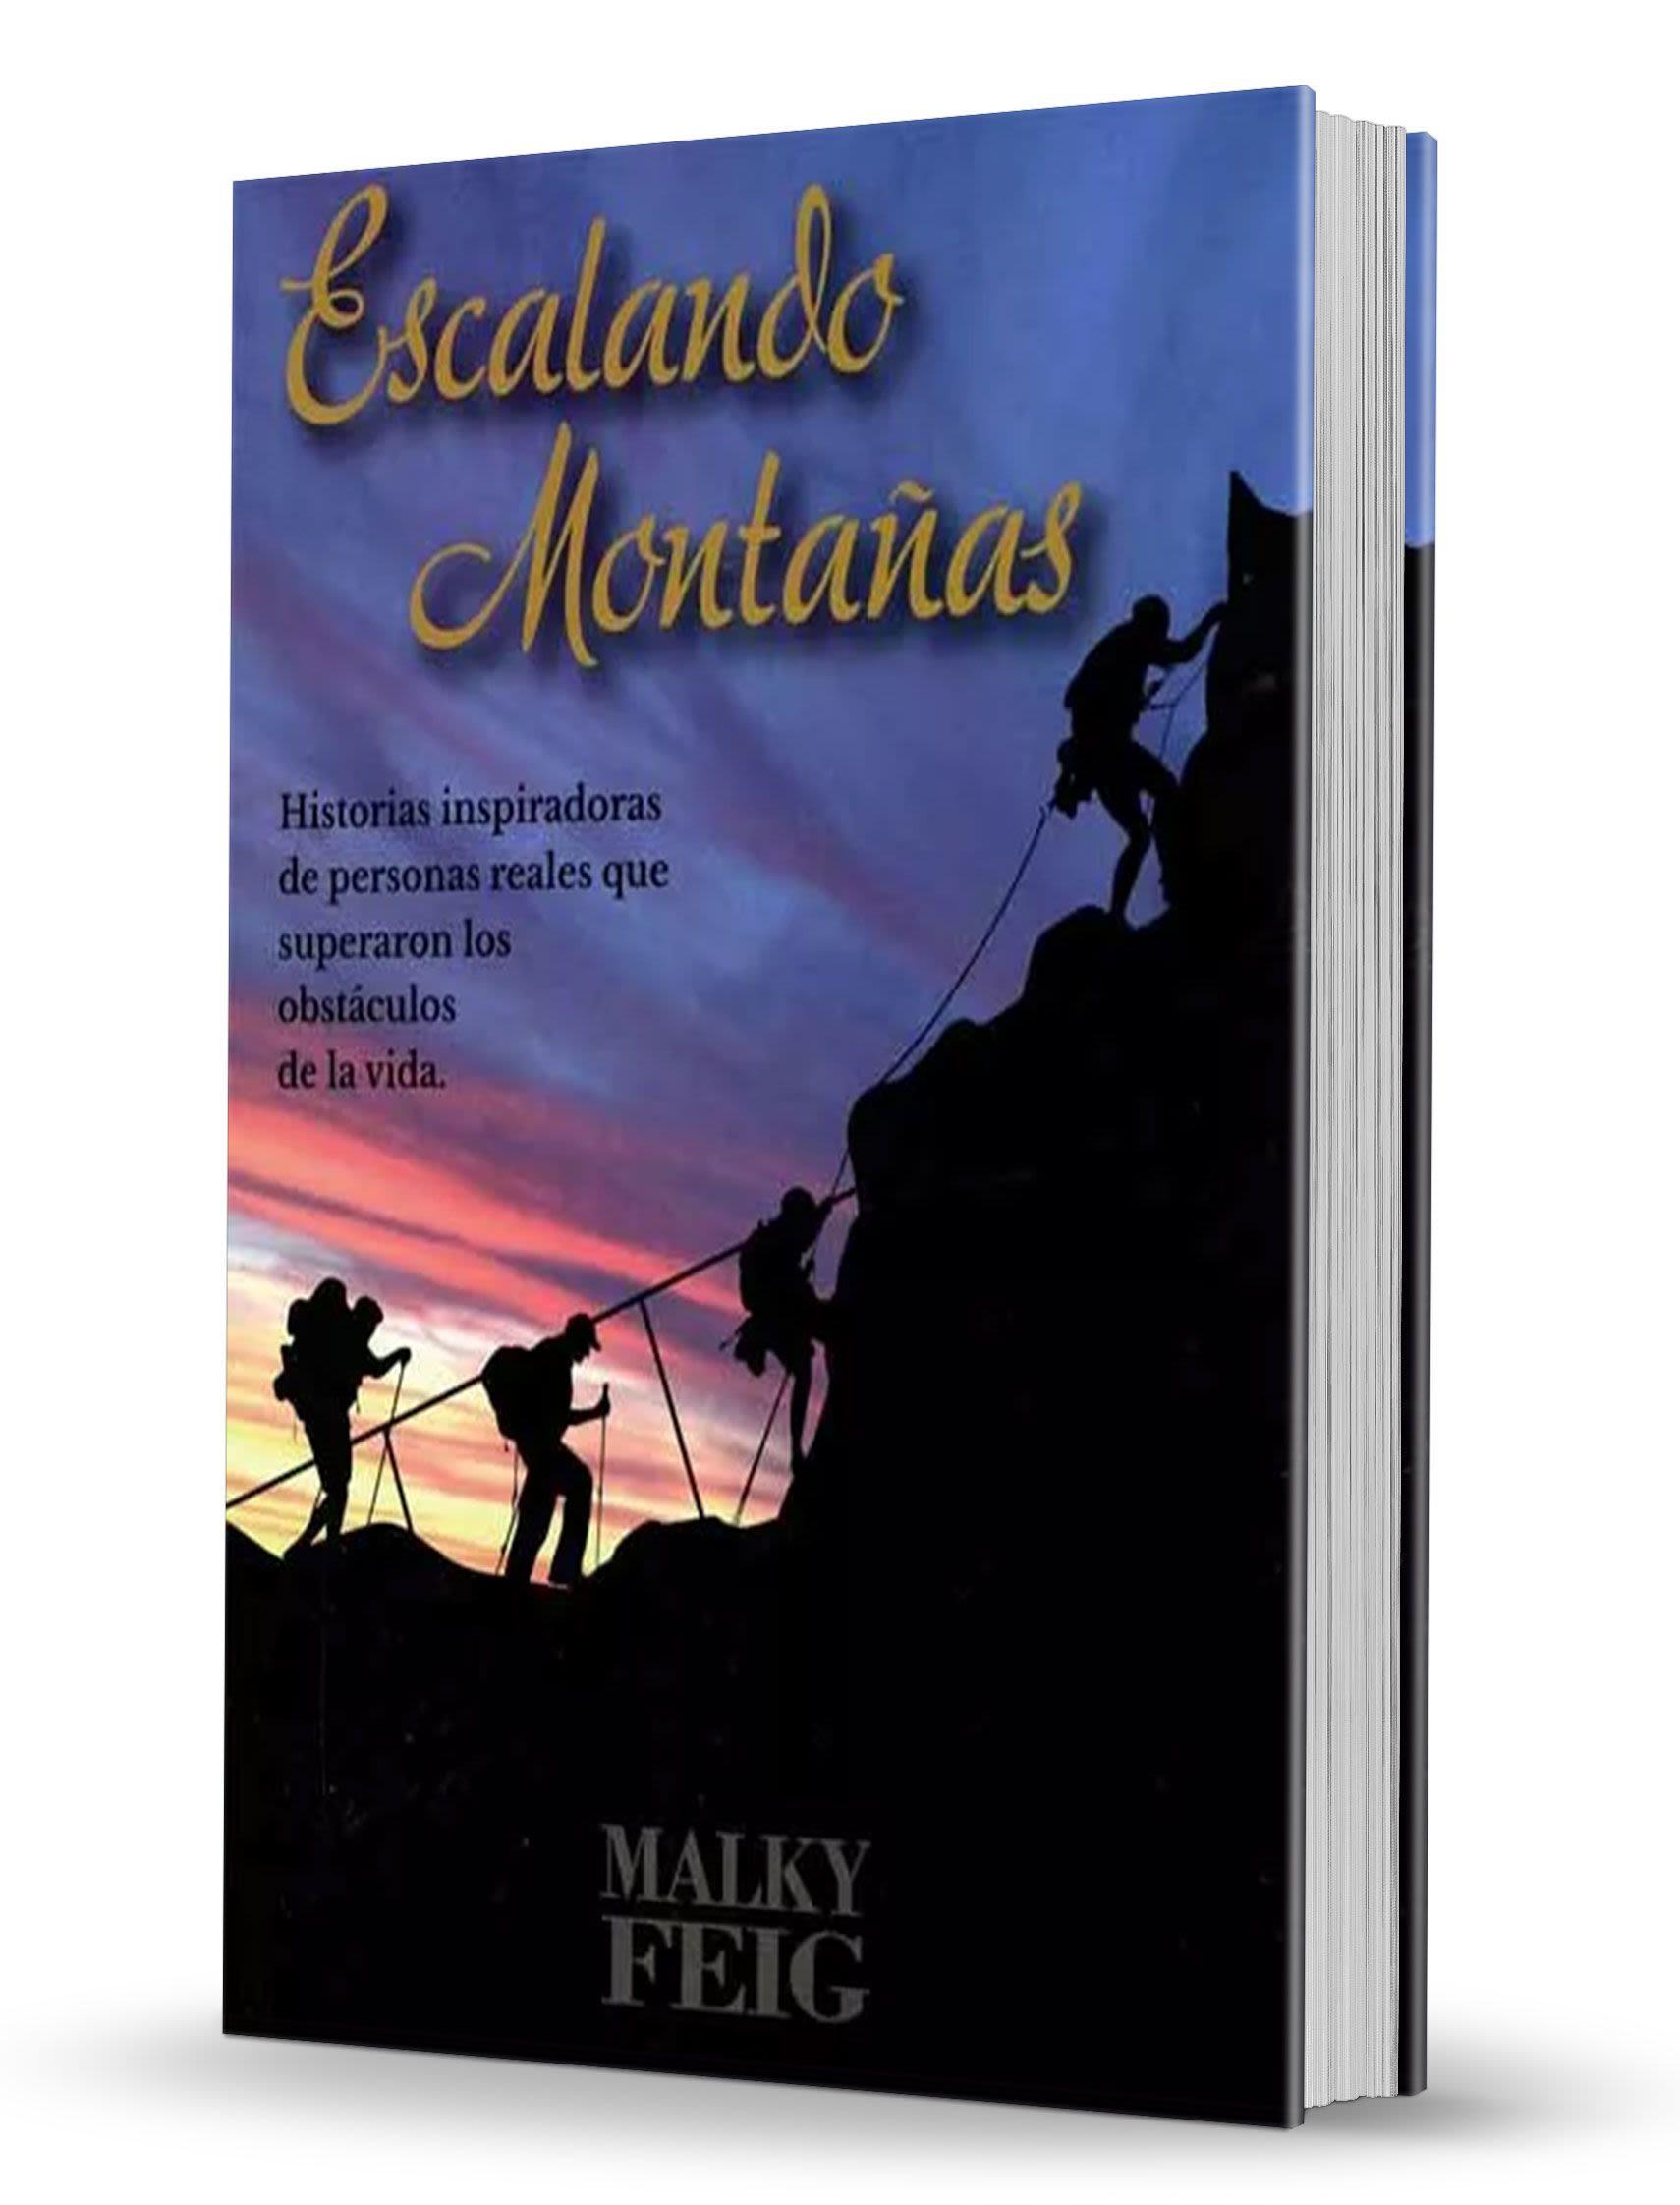 Escalando Montañas